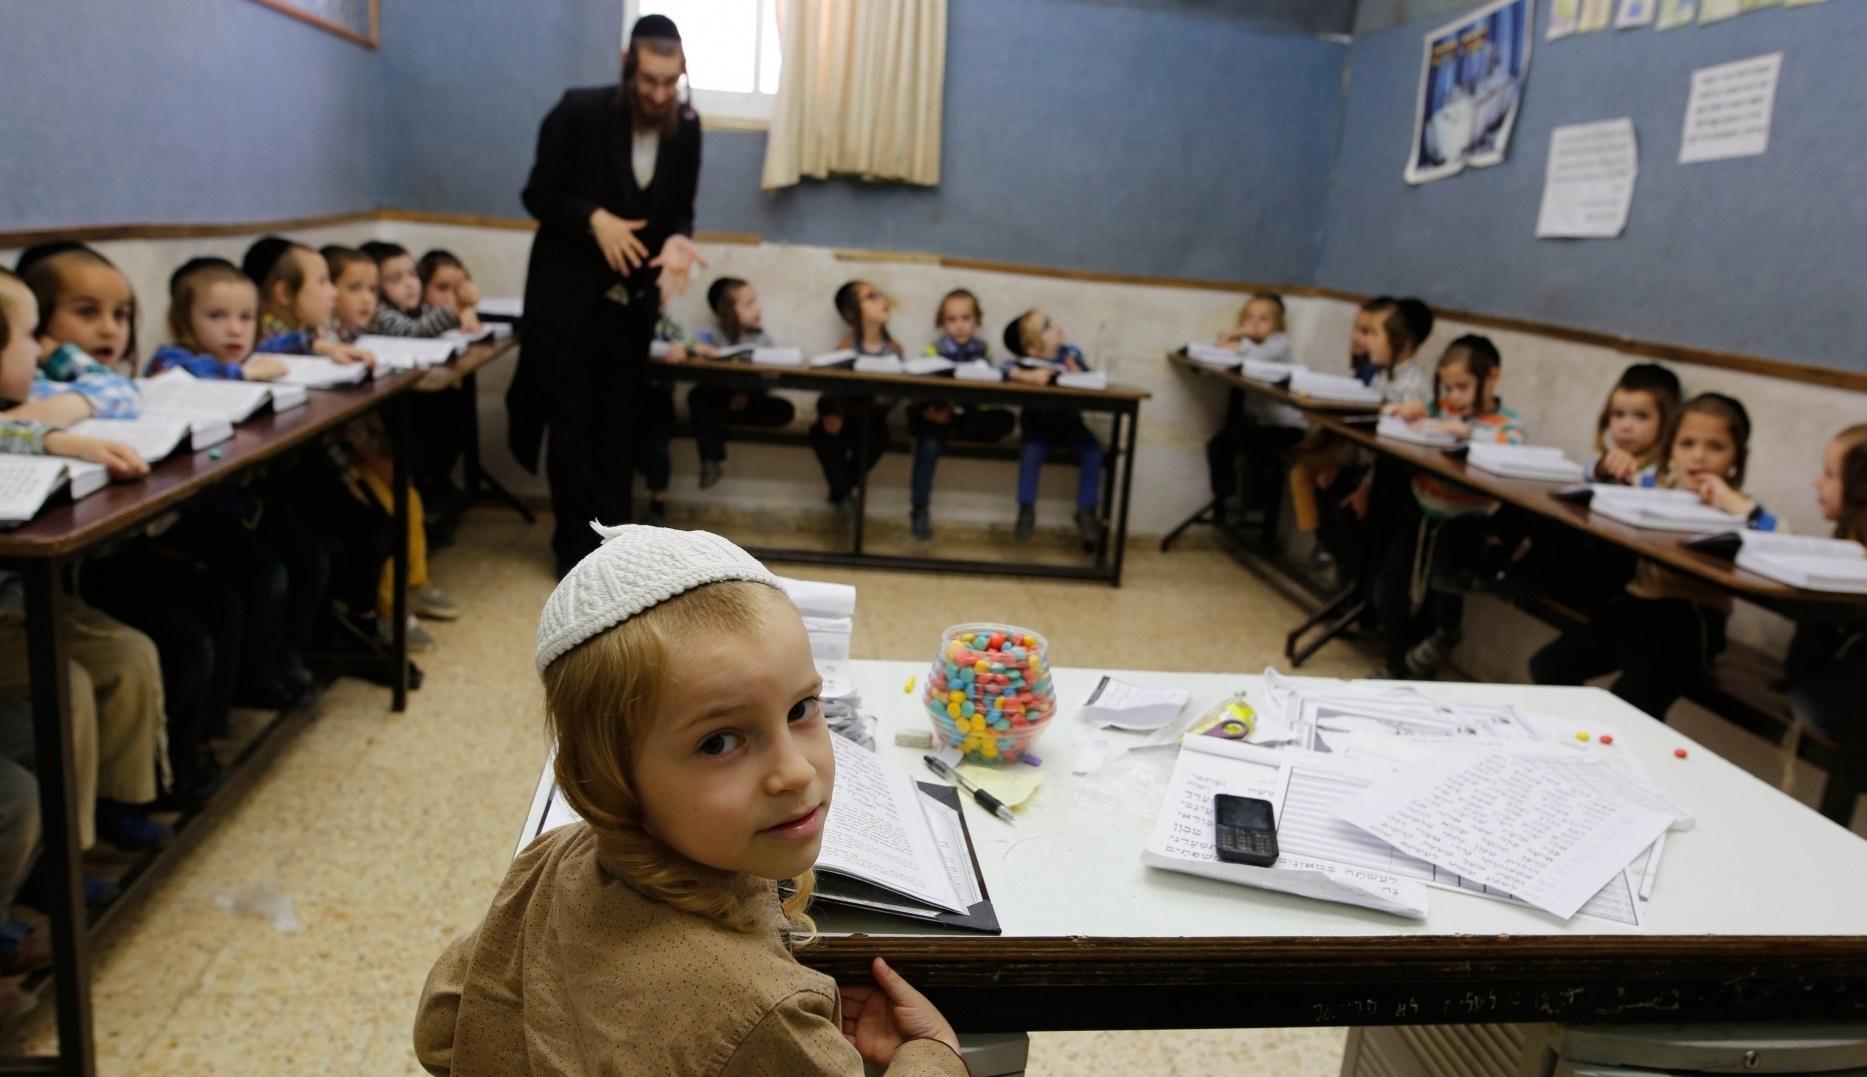 Israel| Zeci de mii de copii se întorc la școală, încălcând decizia guvernului